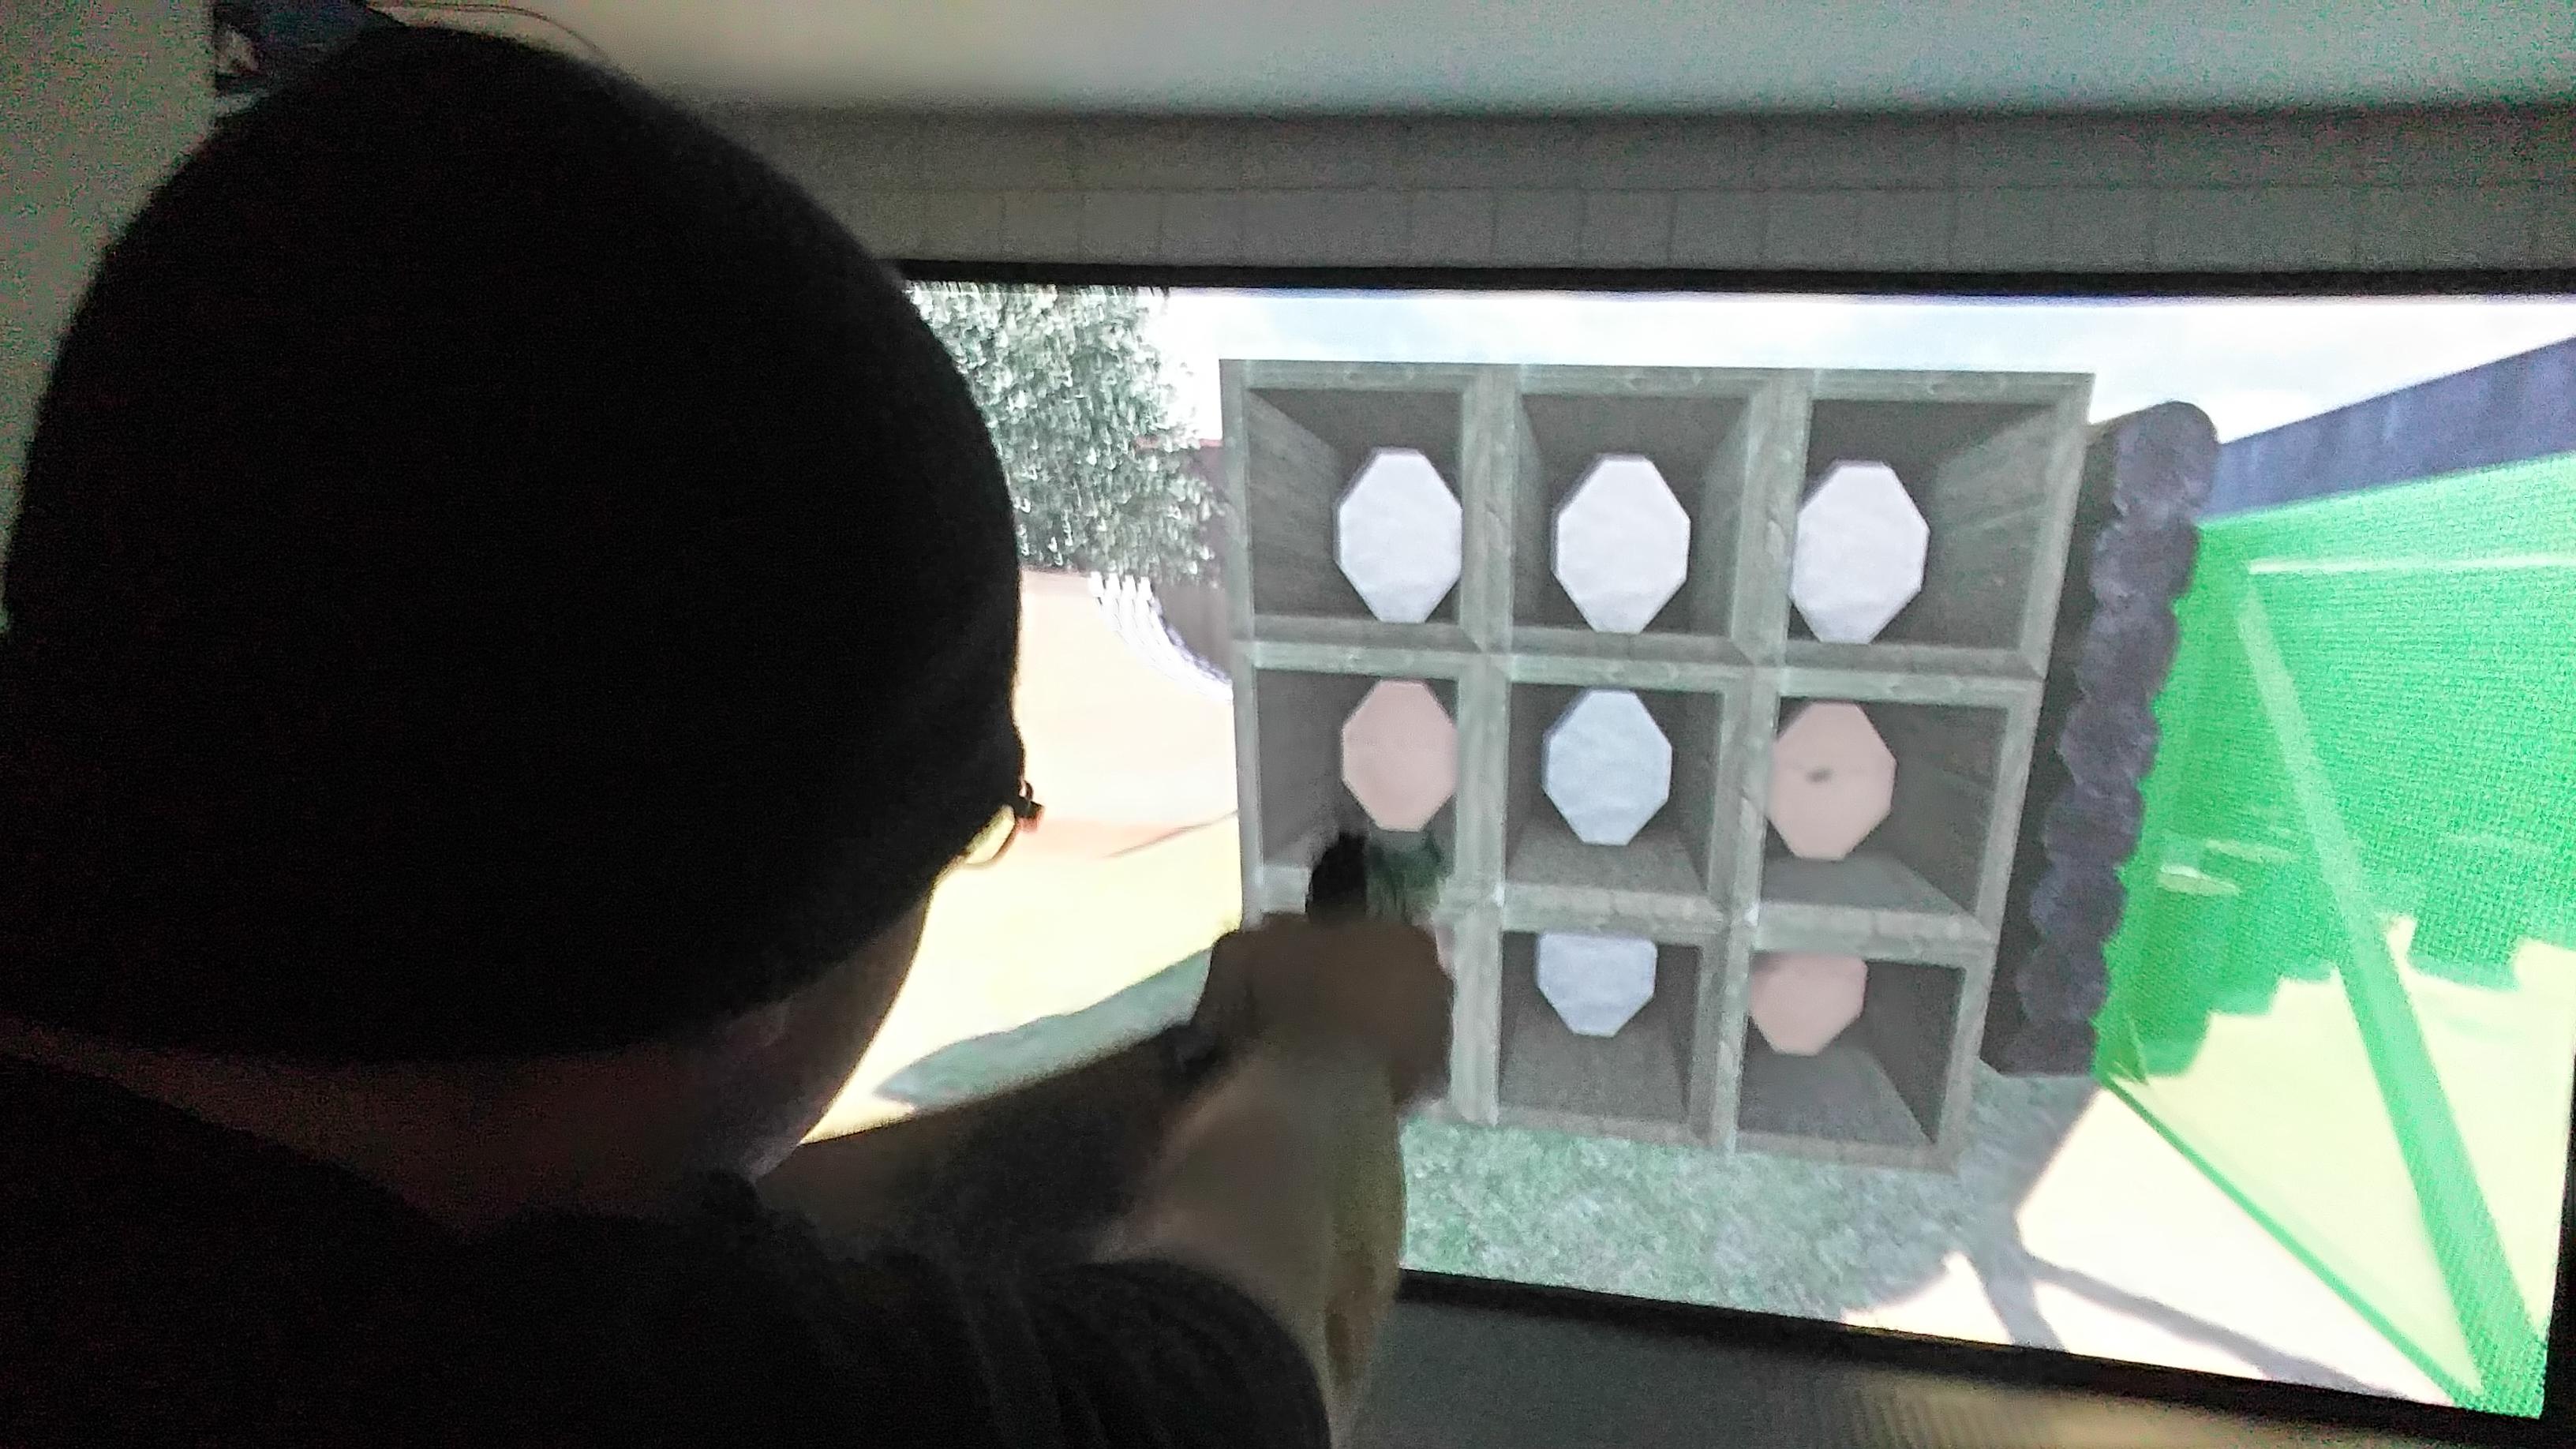 Weapons Simulator to Begin in April